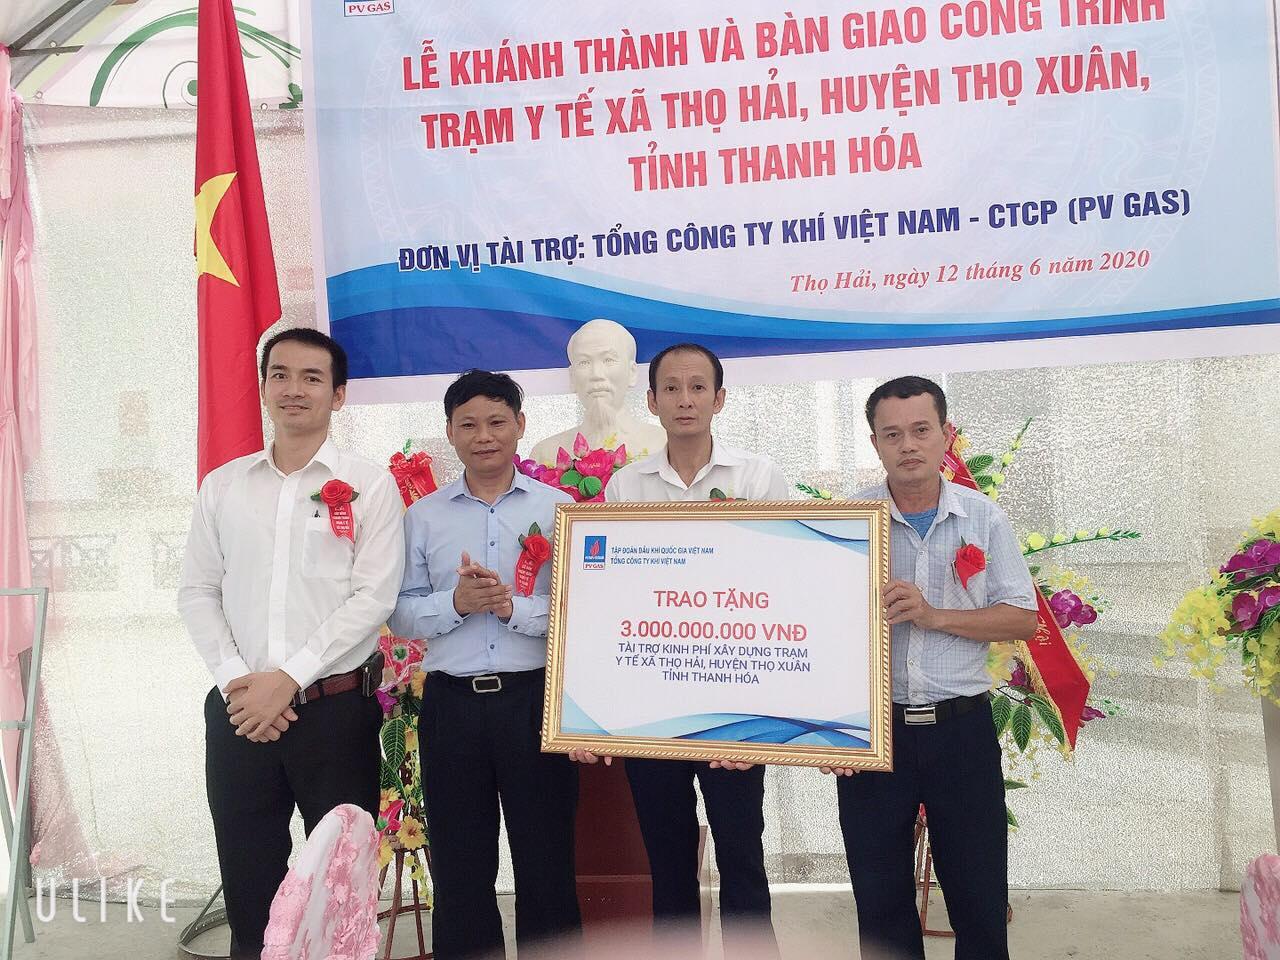 Nghi thức trao tặng 3 tỷ đồng do PV GAS ủng hộ xây dựng Trạm xá Thọ Hải